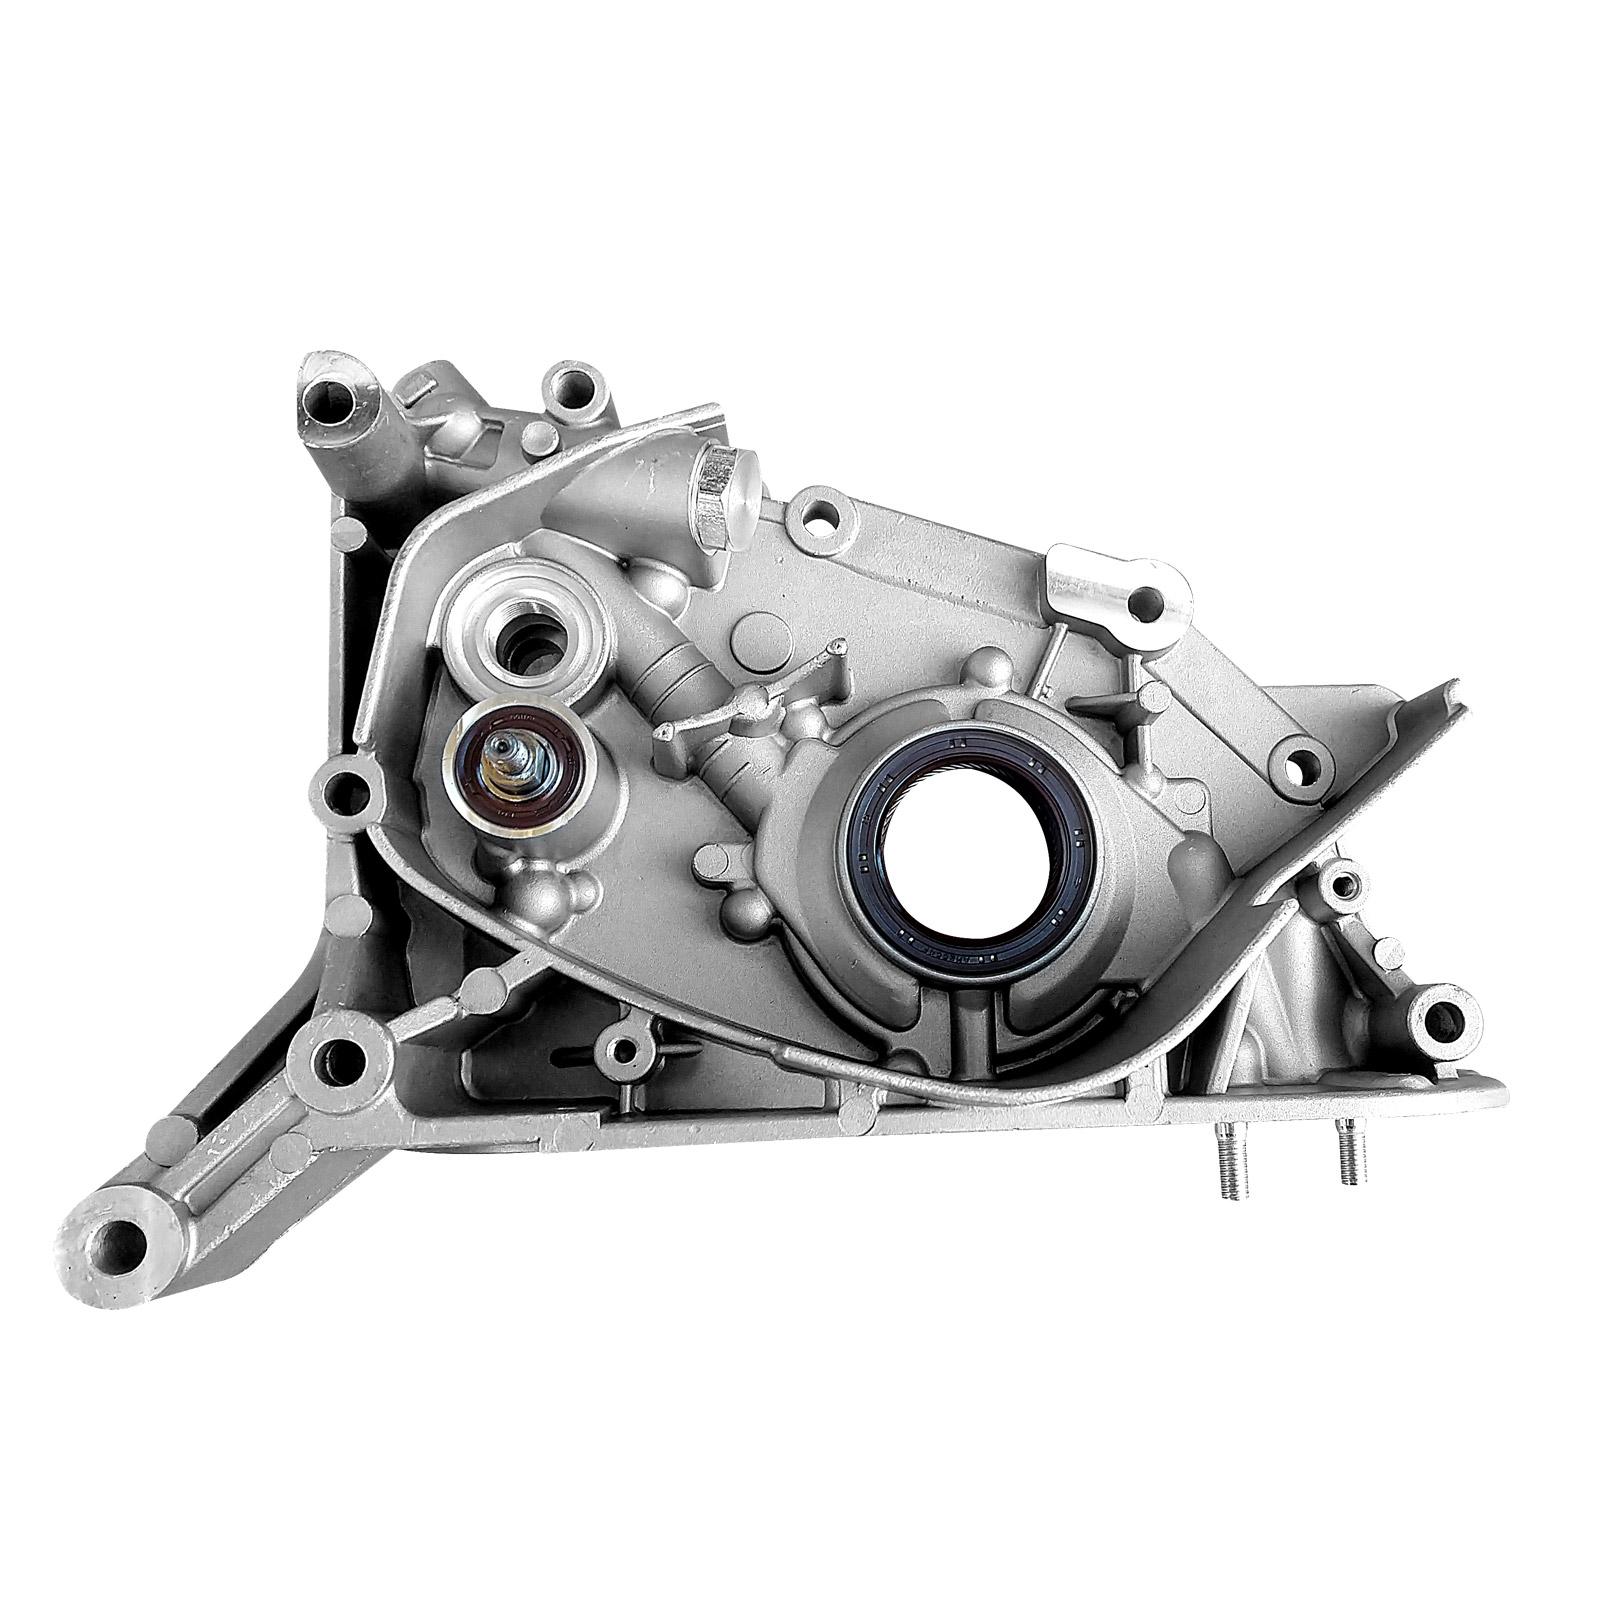 Bomba de Óleo Hyundai  Galloper 2.5 8v Diesel